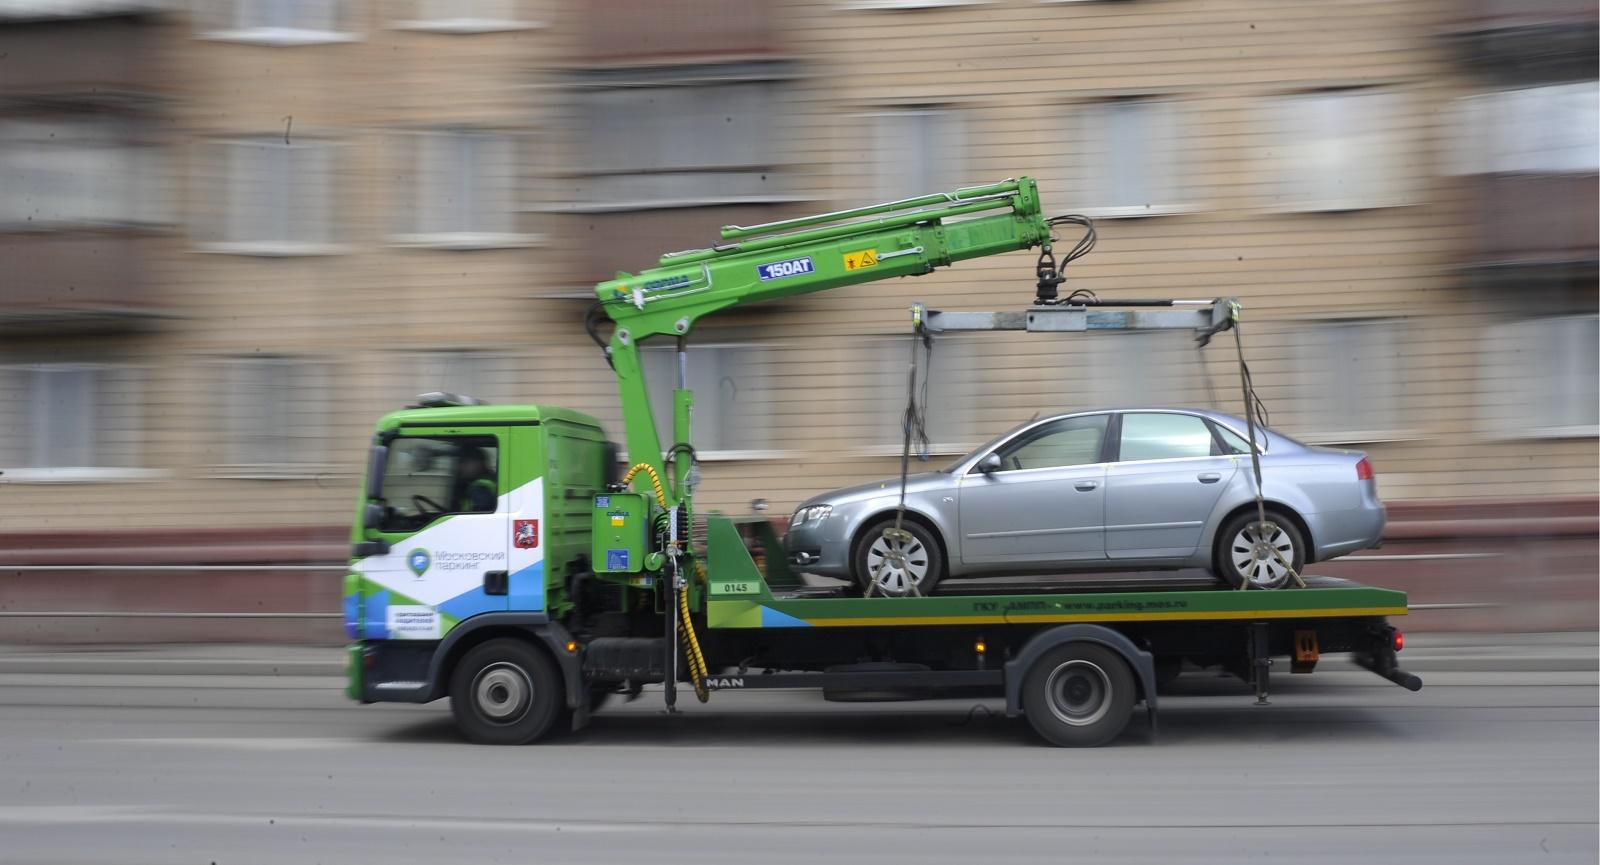 Неправильно припаркованные автомобили будет эвакуировать Служба охраны МВД, а не частные компании (ВИДЕО)